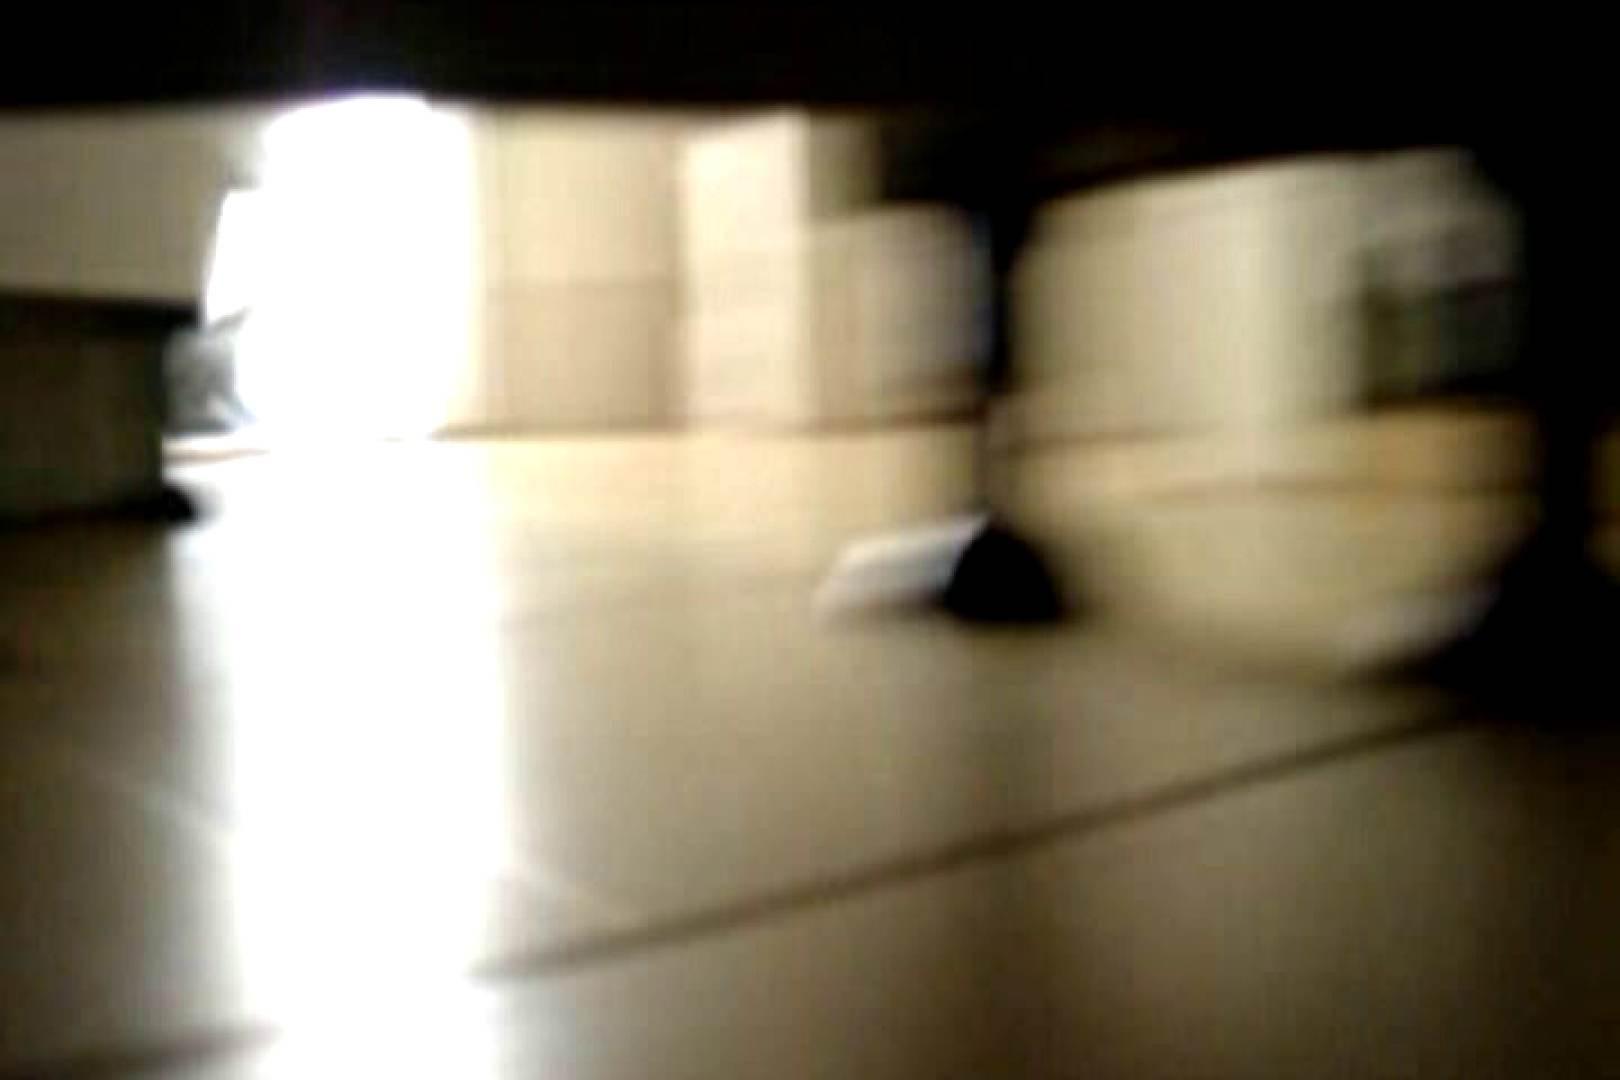 ぼっとん洗面所スペシャルVol.5 おまんこ無修正  68画像 48